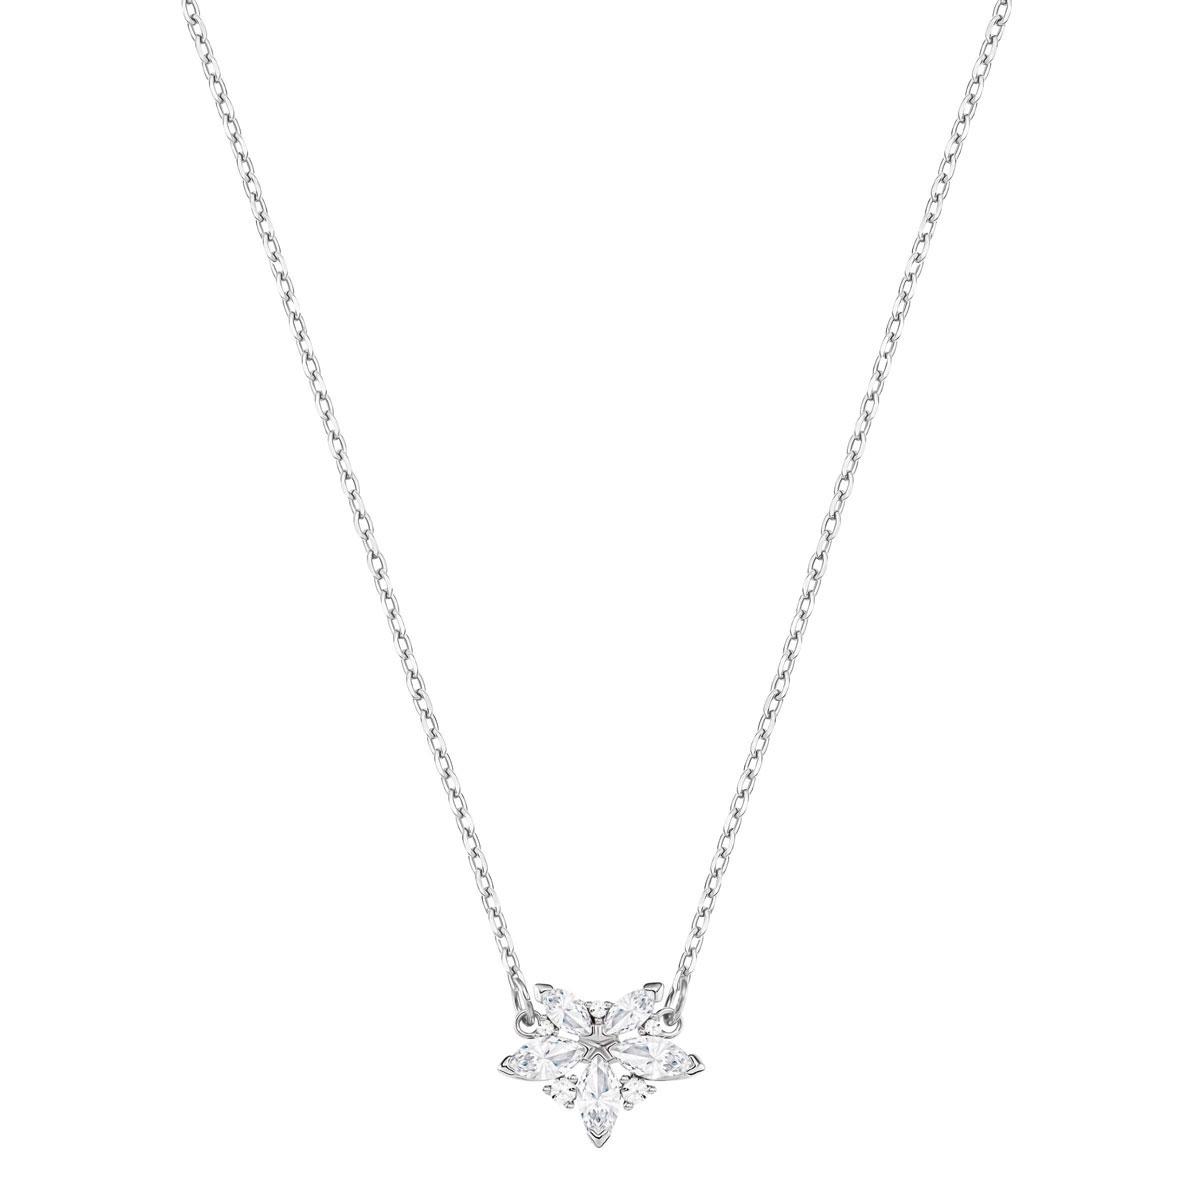 Swarovski Lady Necklace, White, Rhodium